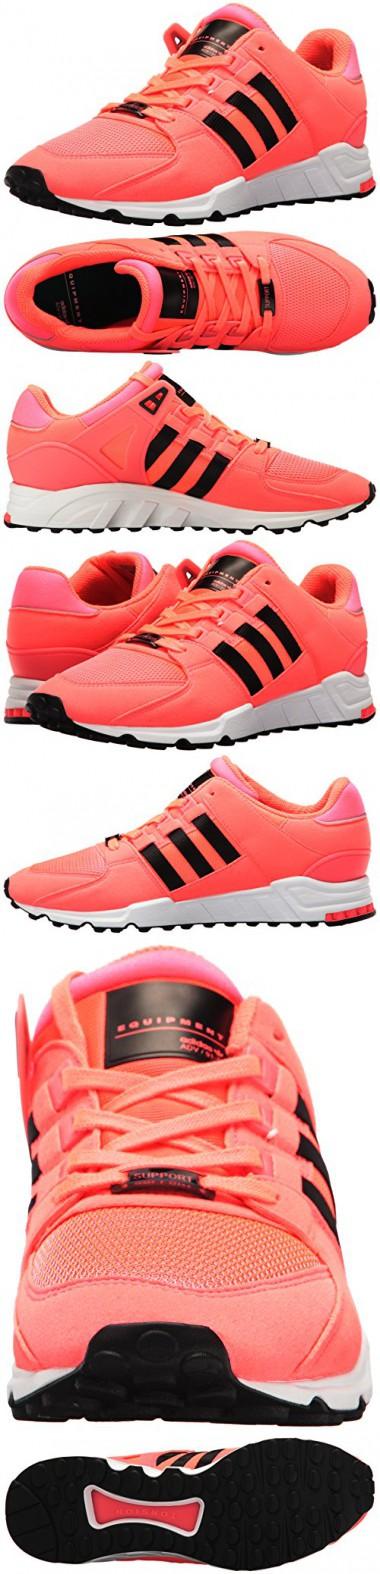 Adidas originali degli uomini eqt sostegno delle scarpe di moda, turbo nera